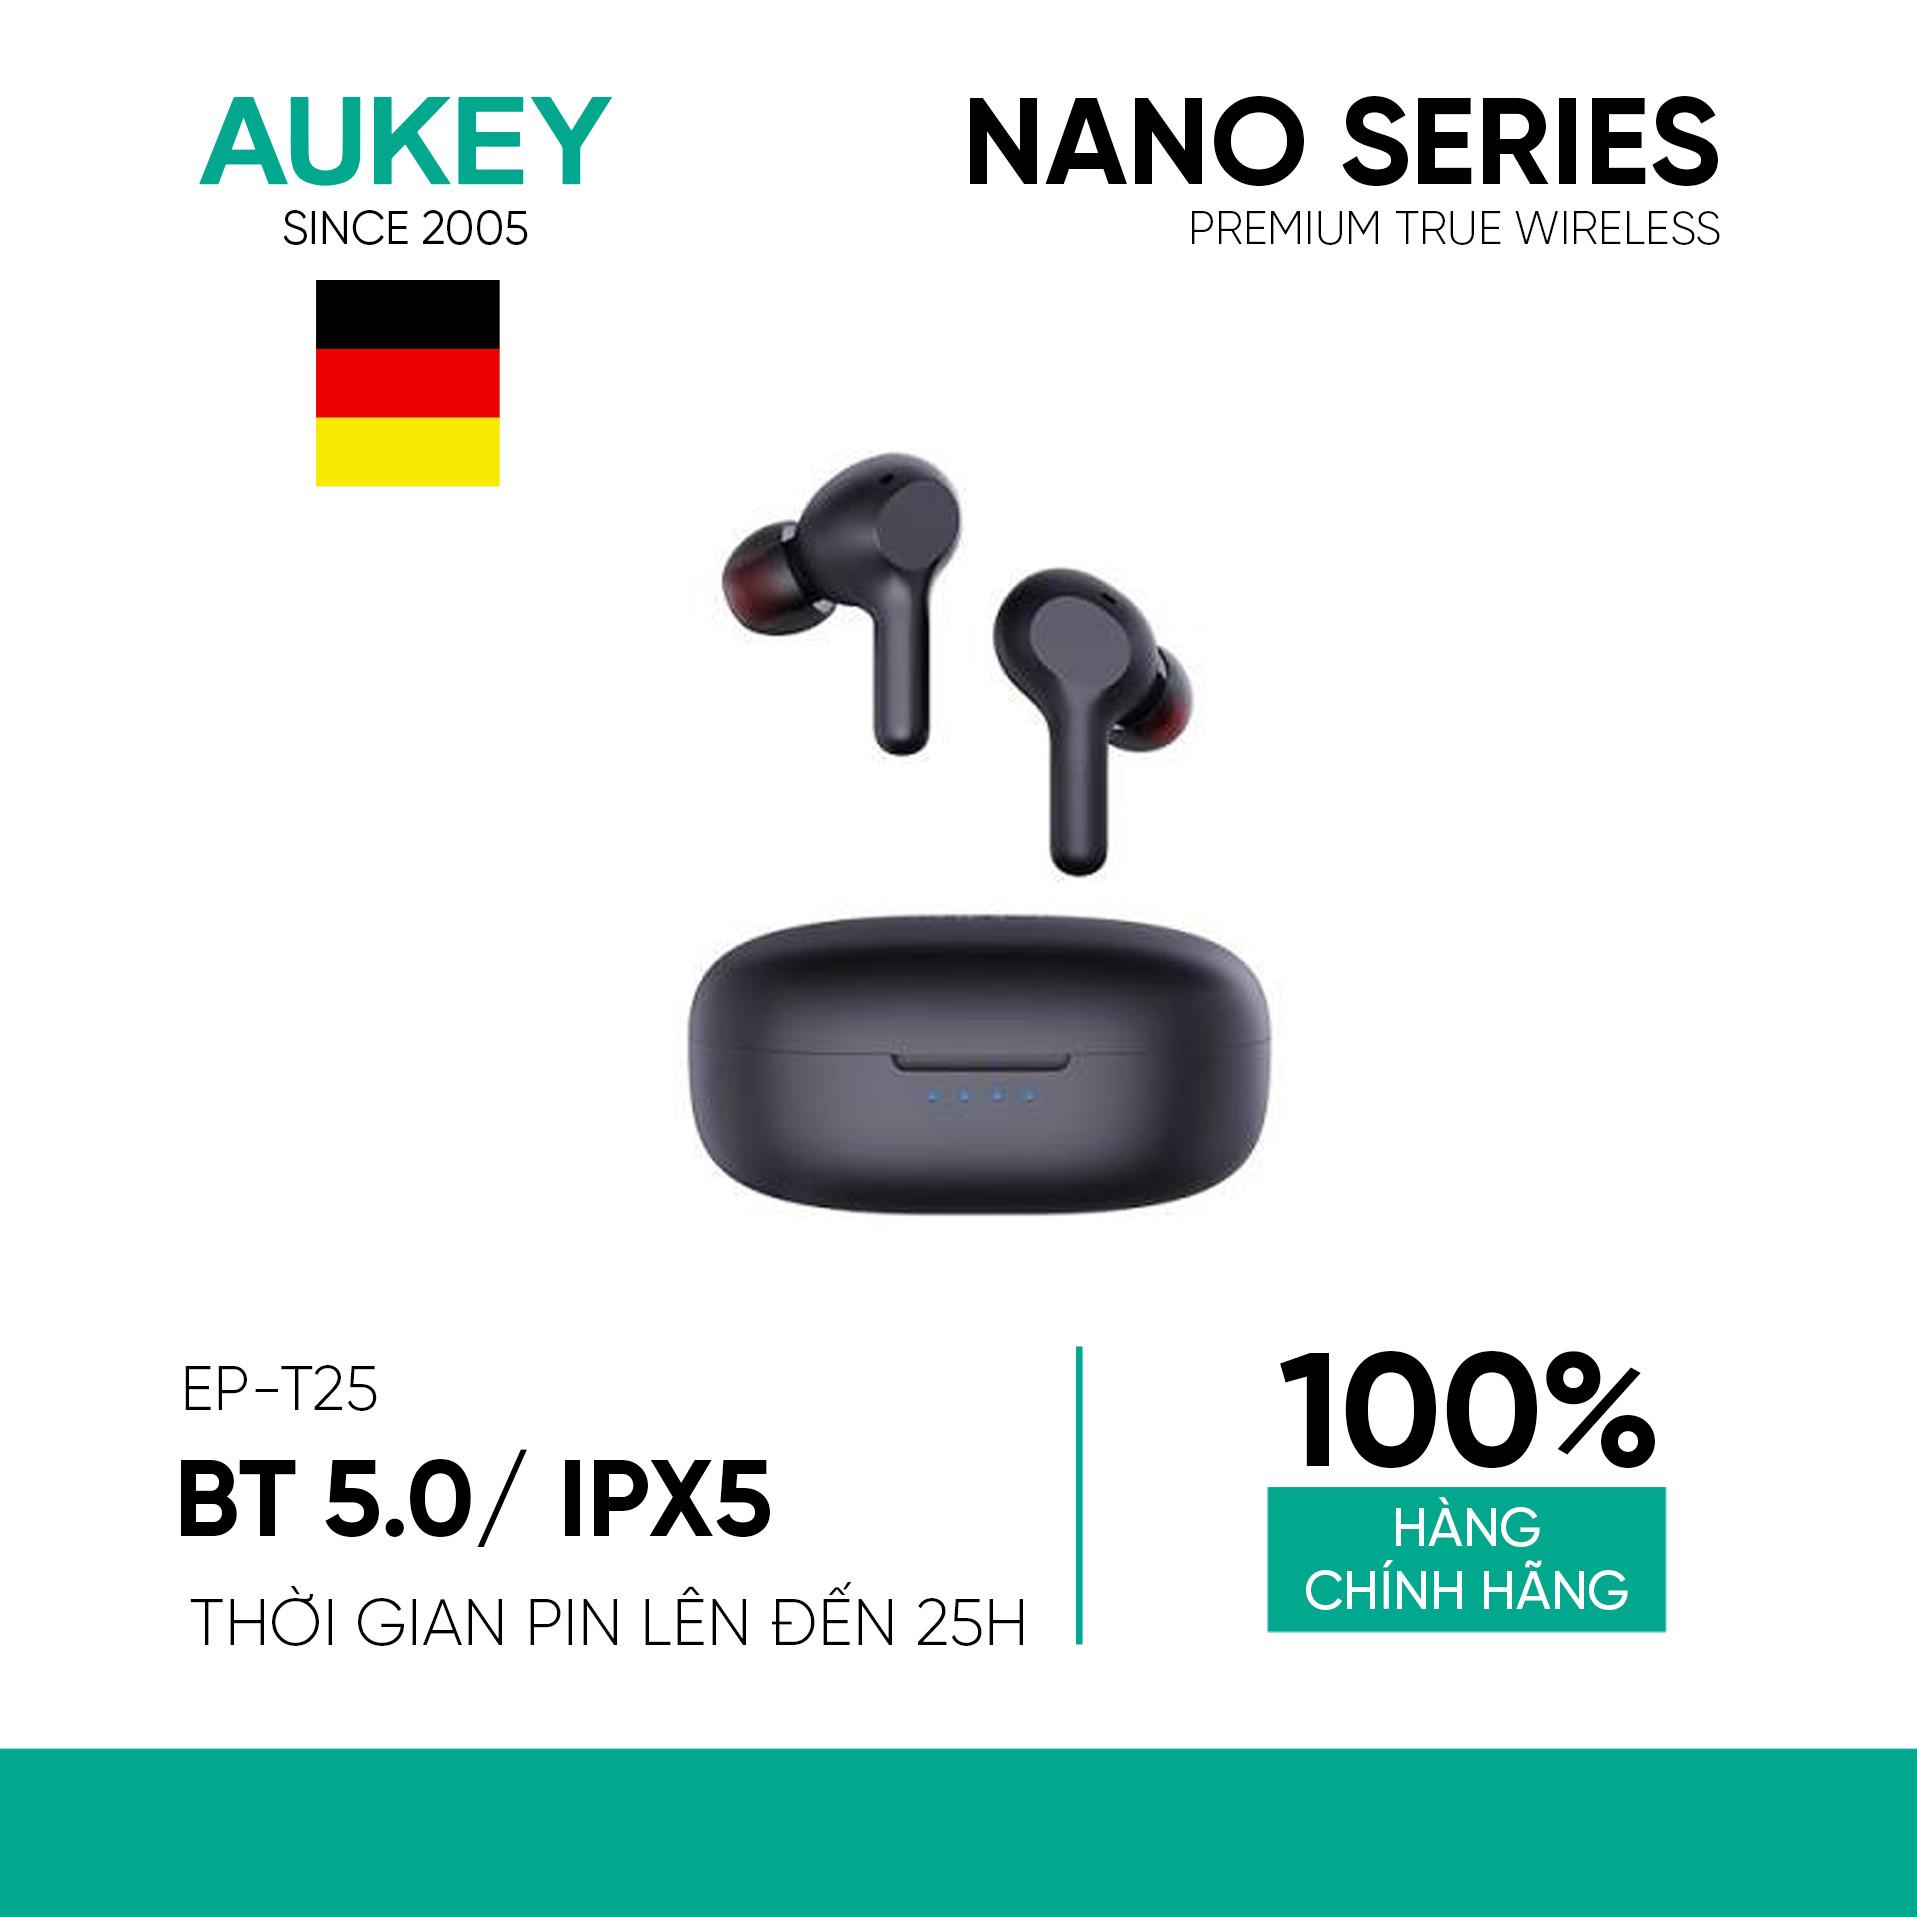 Hình ảnh Tai Nghe True Wireless AUKEY EP-T25 Điều Khiển Cảm Ứng, Bluetooth 5.0, Chống Nước IPX5, Pin Lên Đến 25h - Hàng Chính Hãng